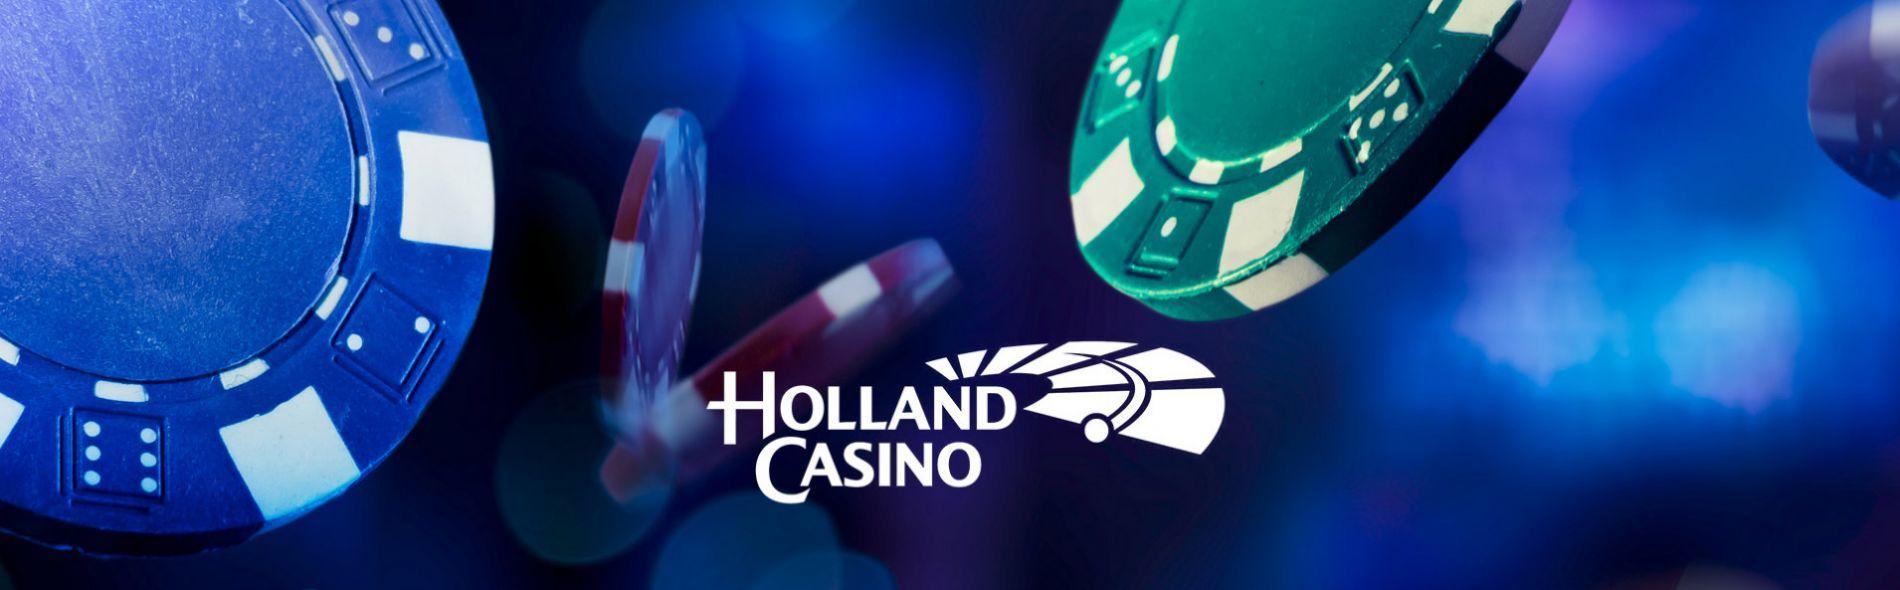 Holland Casino & Spinnin' Records